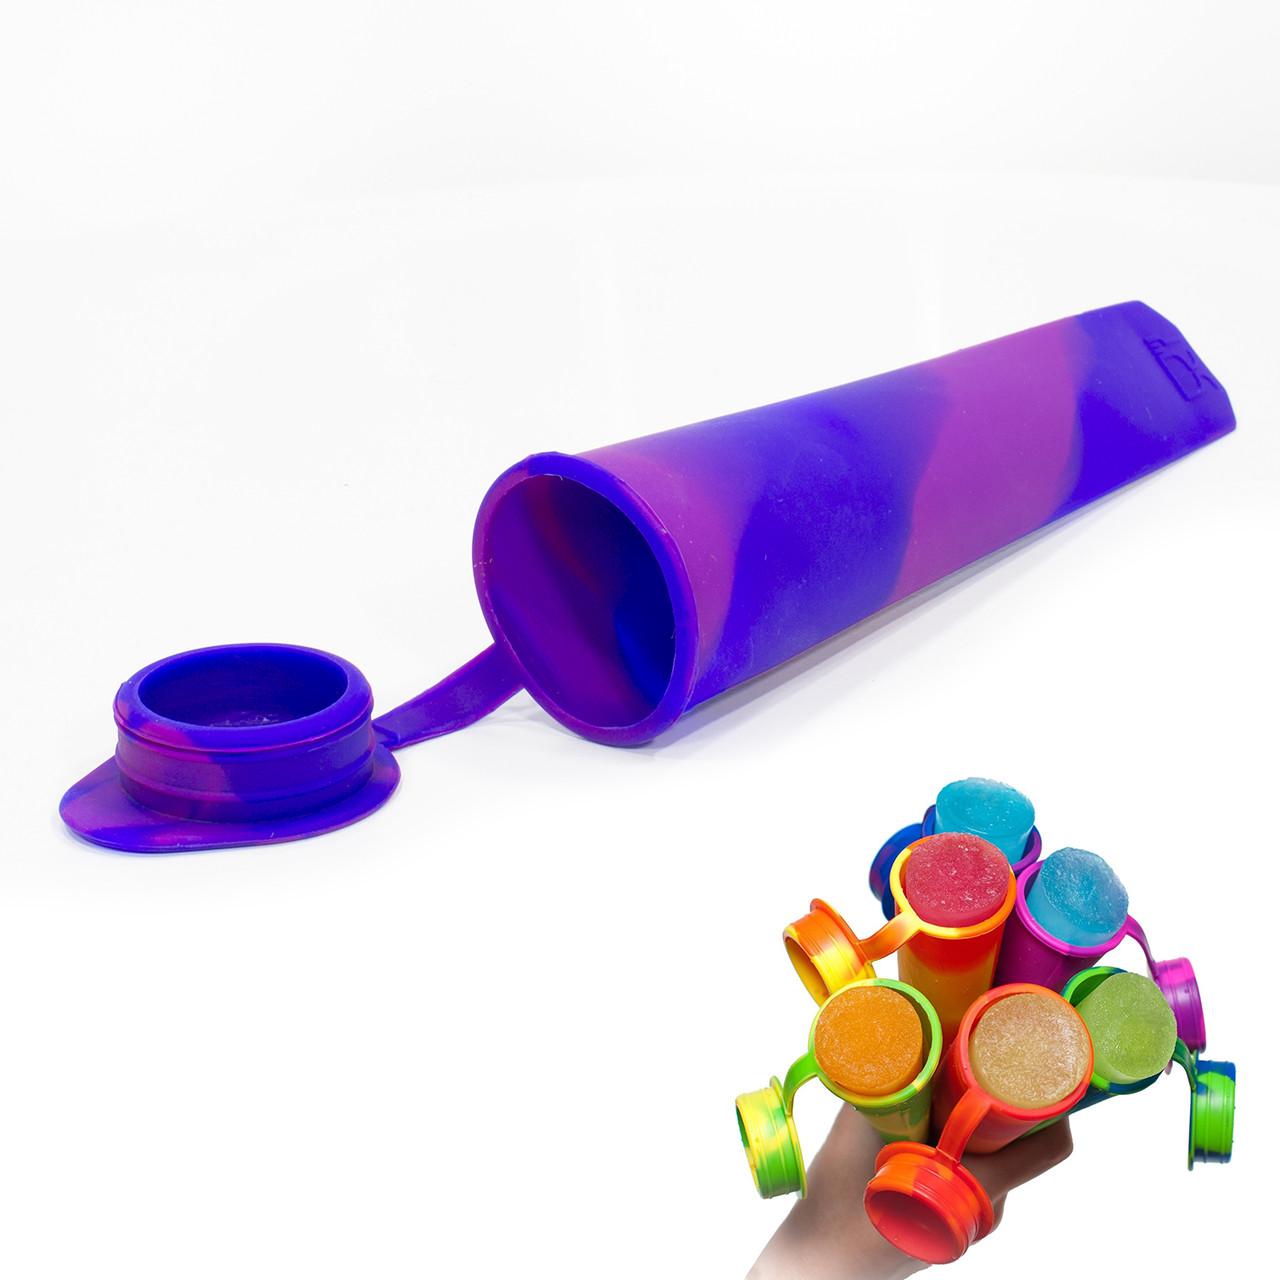 ➨Силиконовая форма CUMENSS N02067 Blue + Purple для мороженого и фруктового льда